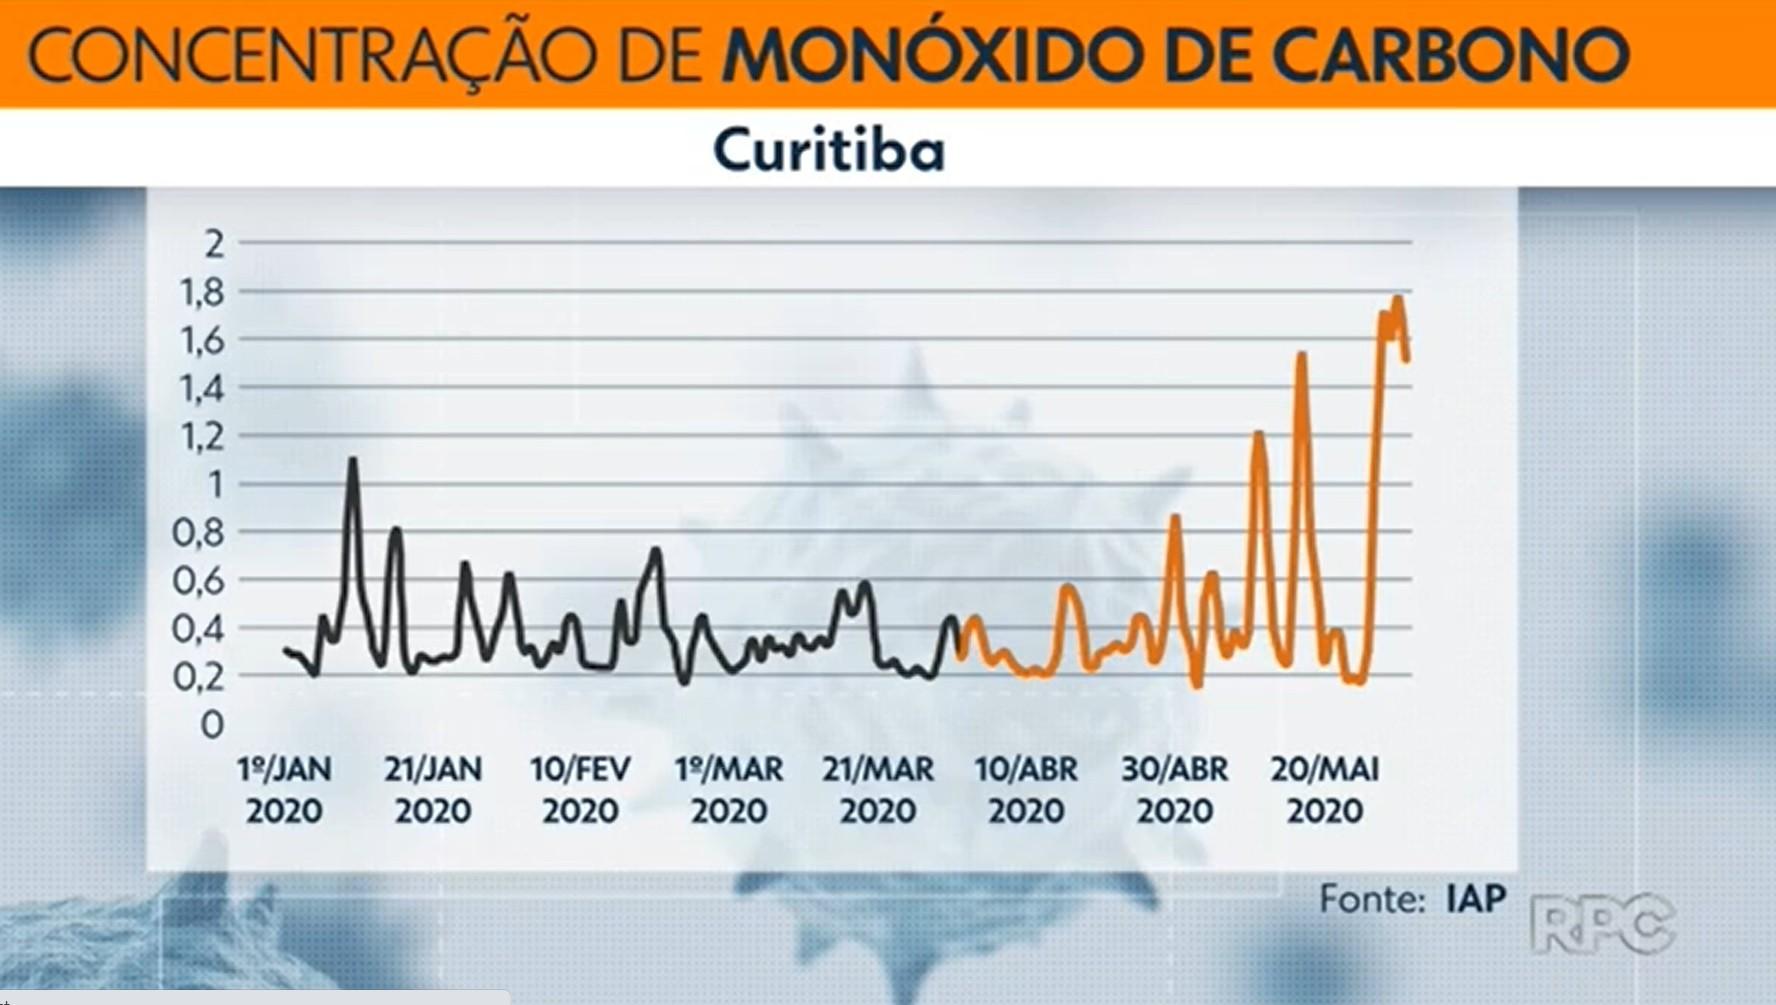 Durante a pandemia, Curitiba registra picos de poluição do ar superiores a período pré-isolamento social